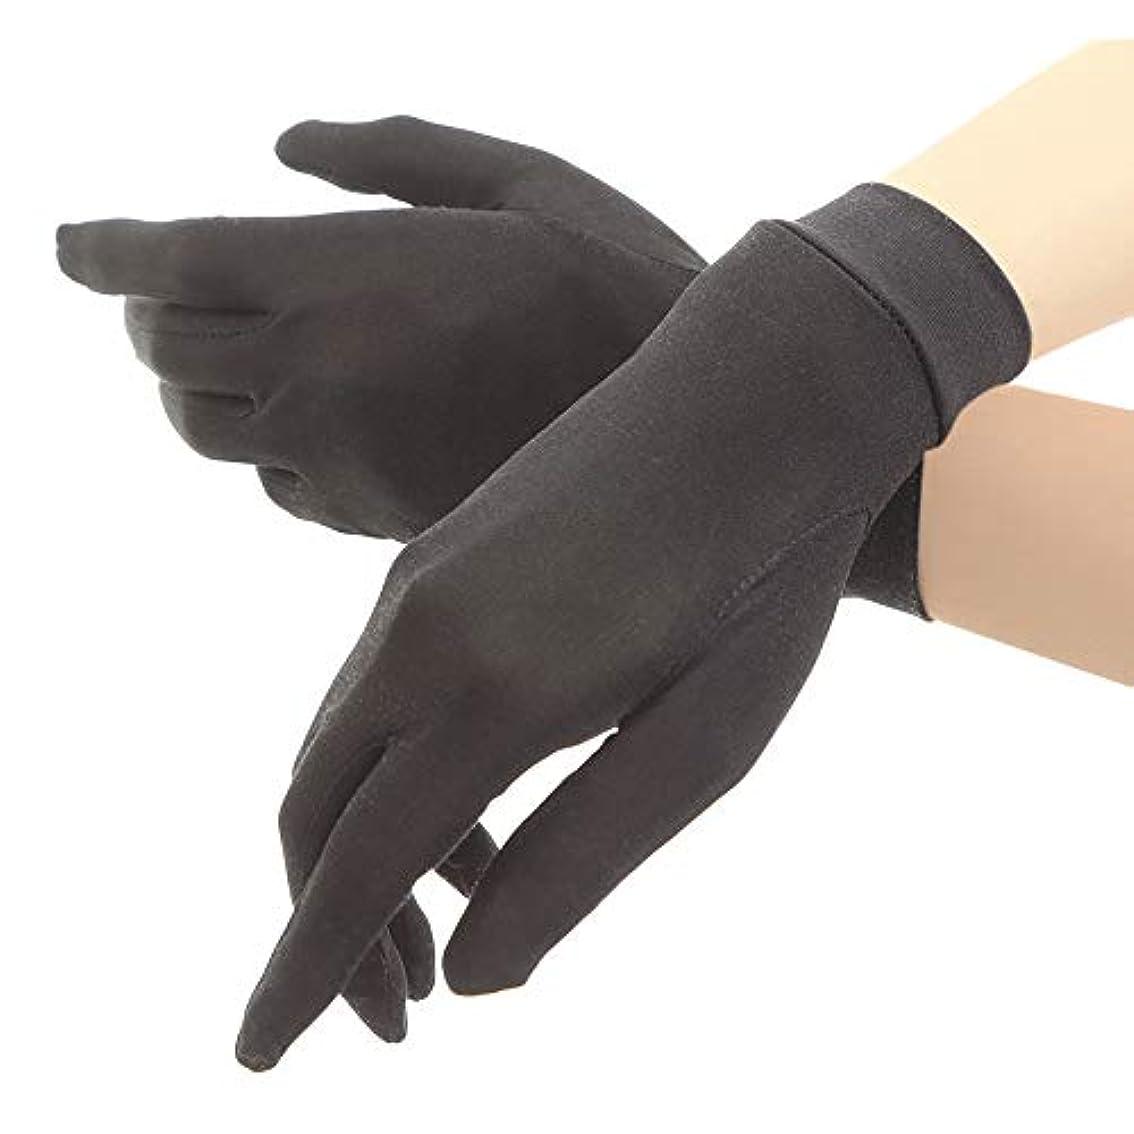 オッズ付属品を通してシルク手袋 レディース 手袋 シルク 絹 ハンド ケア 保湿 紫外線 肌荒れ 乾燥 サイズアップで手指にマッチ 【macch】